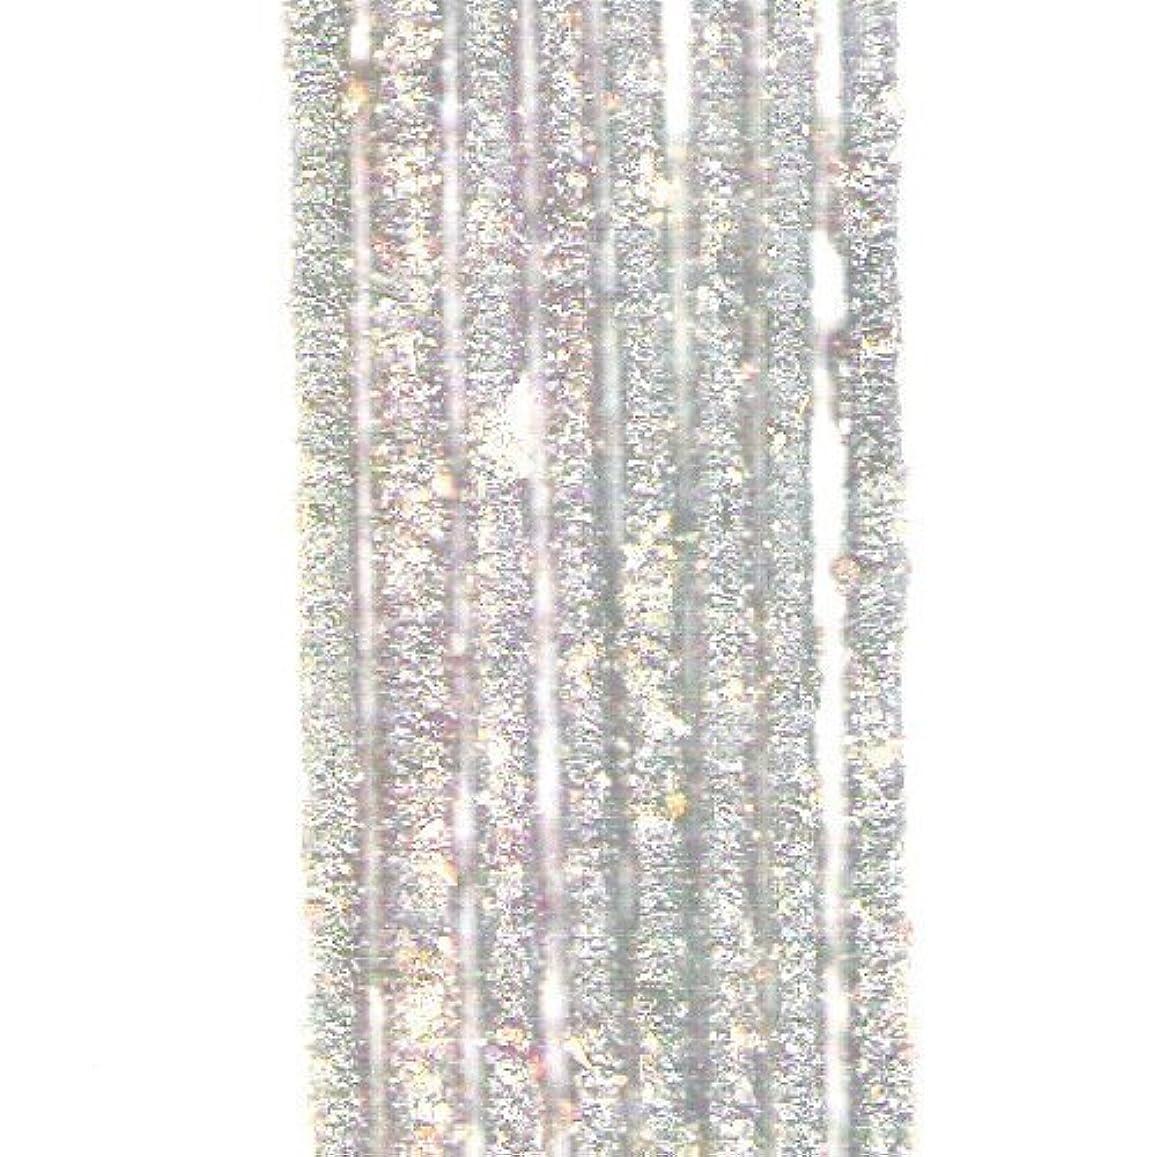 前提条件メンダシティ失望させるNatureシナモンPure Pure樹脂over Stick Incense 10 Sticks